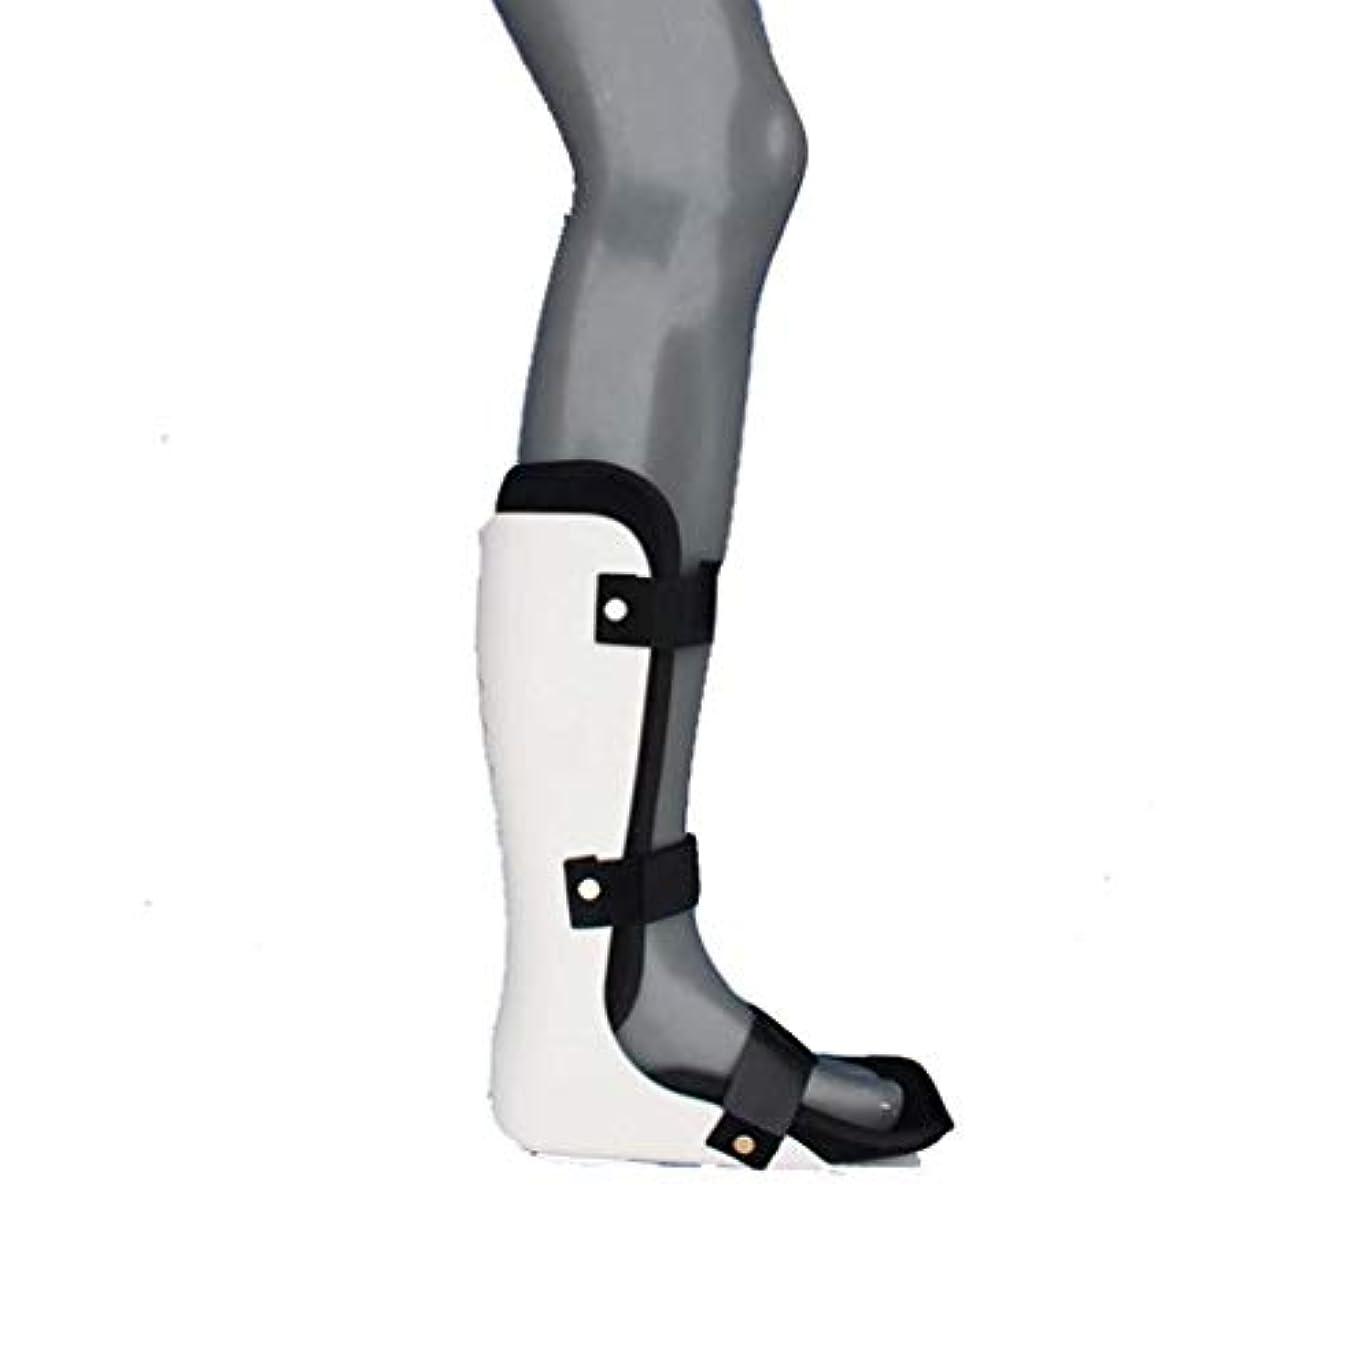 伝統パイプギャザーFoot Splint Ankle、Corrector Foot Drop Posture Night Sleep Foot Supportは、足底筋膜炎の安定化の症状を緩和するのに役立ちます (Color : B, Size...